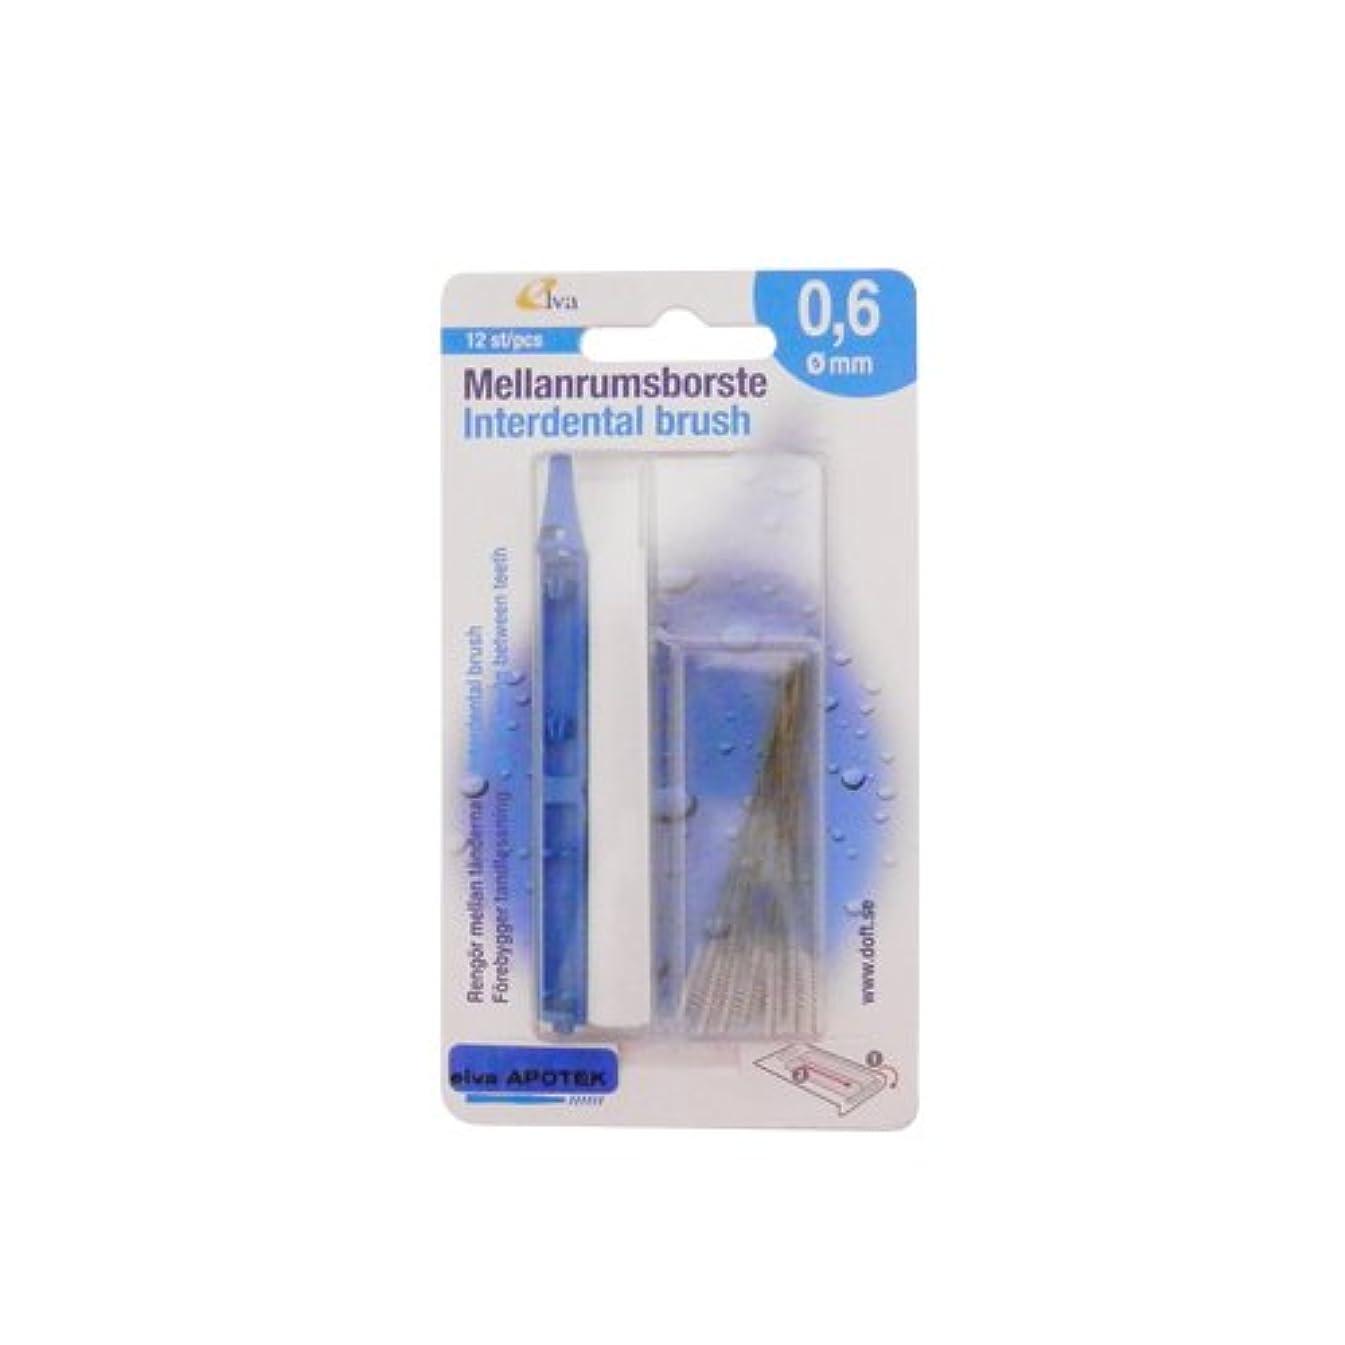 抑圧在庫伝説エルバ アポテック 歯間ブラシ ELVA APOTEK 12本入 ライトブルー 0.6mm